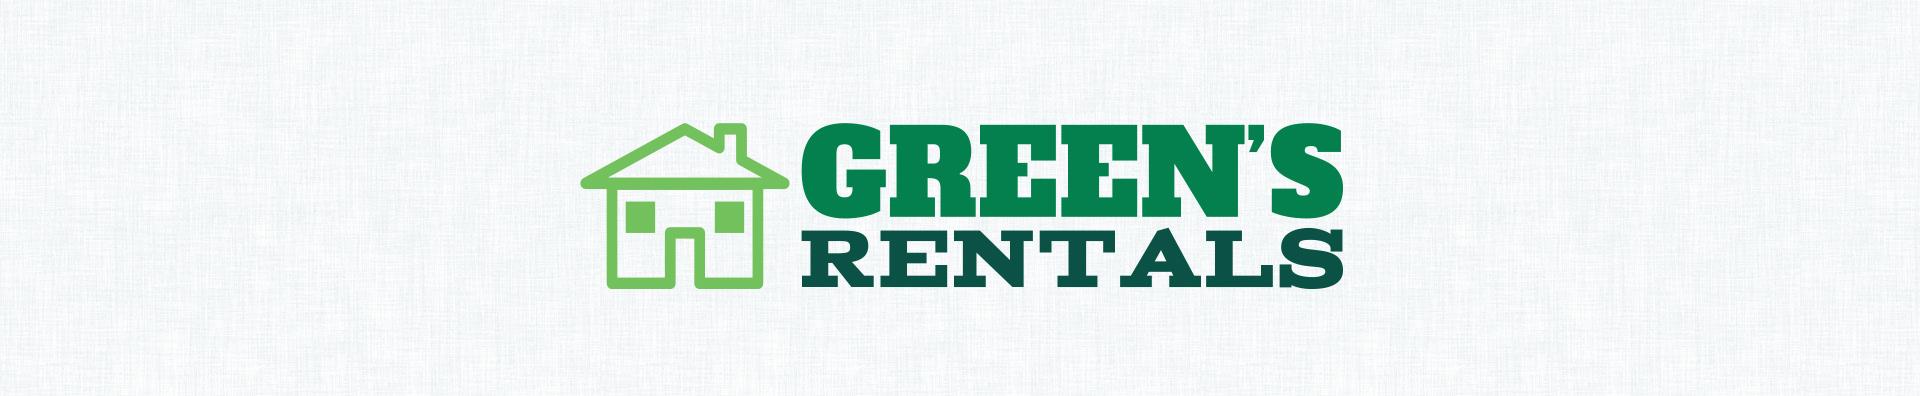 Greens Rentals